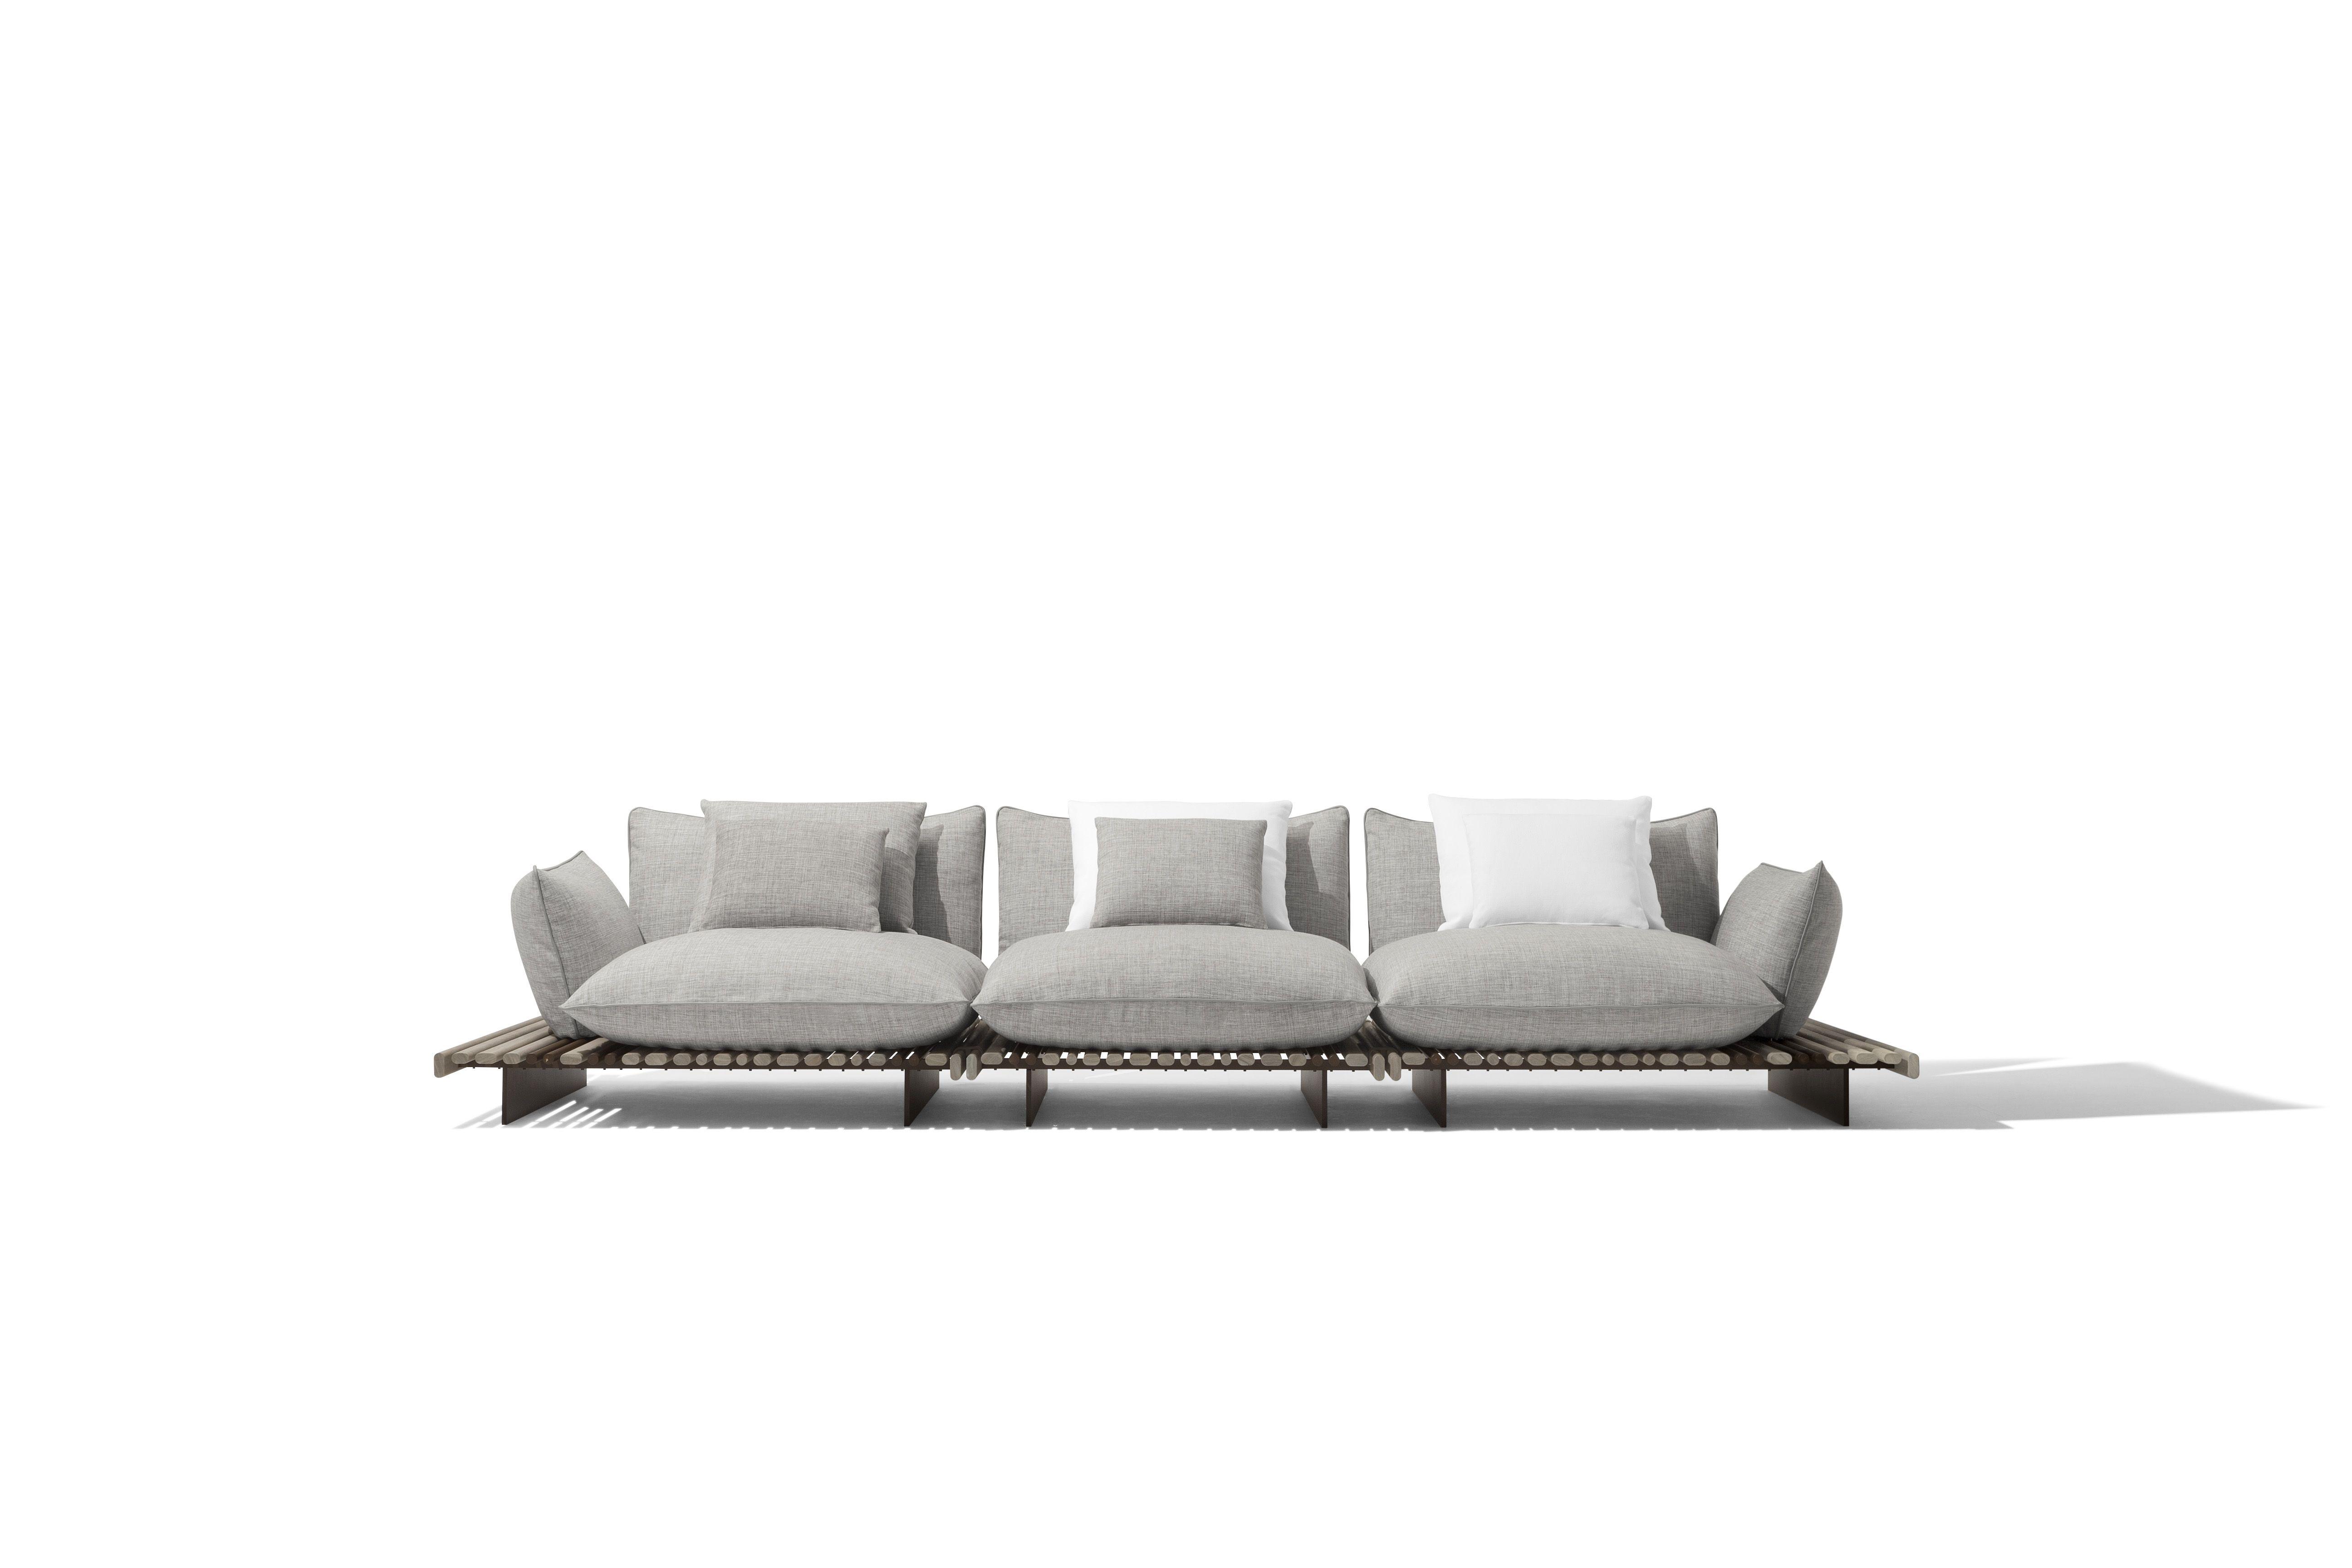 Apsara outdoor sofa Gior ti Design by Ludovica Roberto